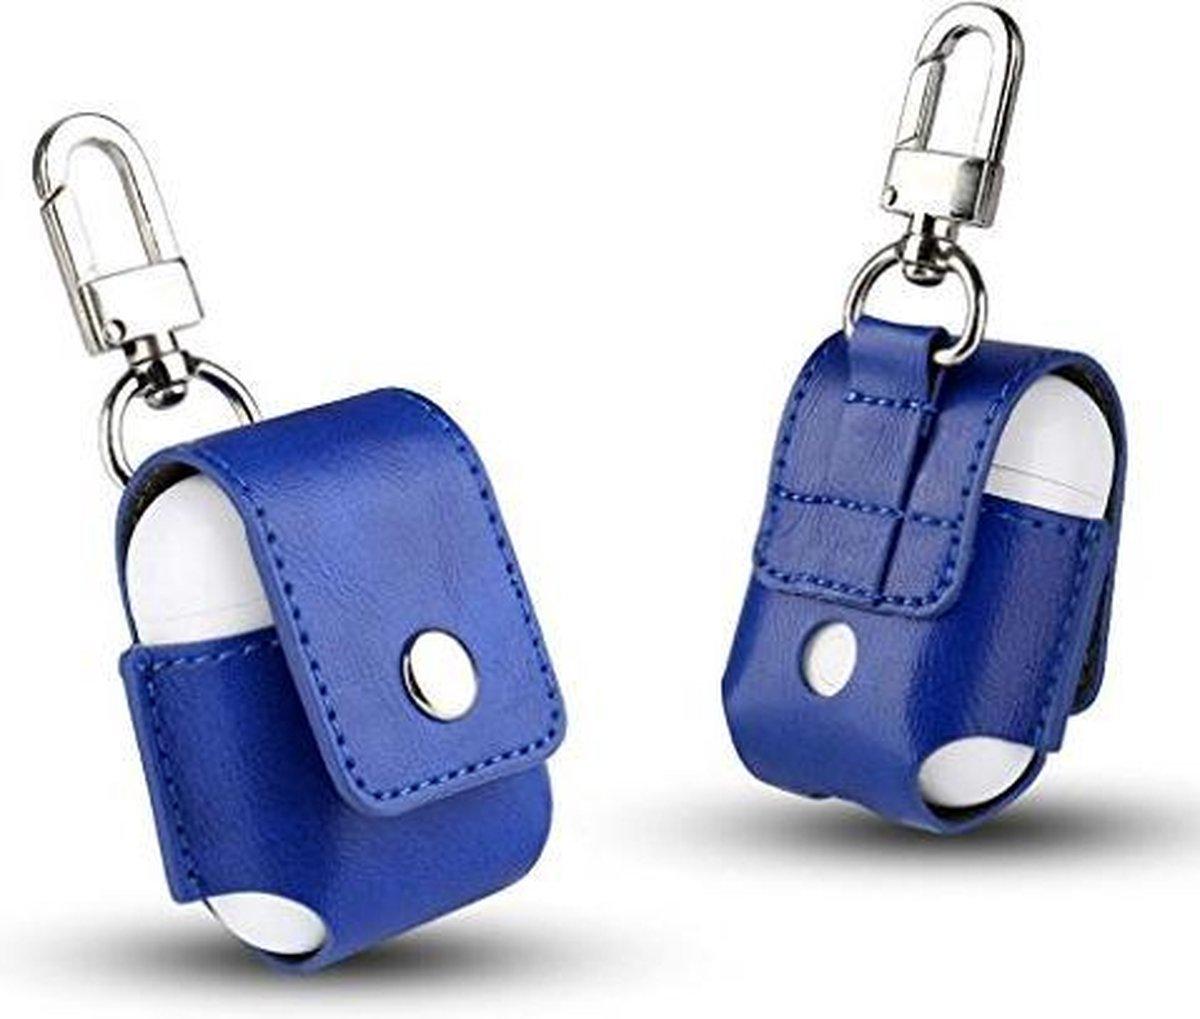 KELERINO. Hoesje voor Apple Airpods Lederen - Blauw - KELERINO.